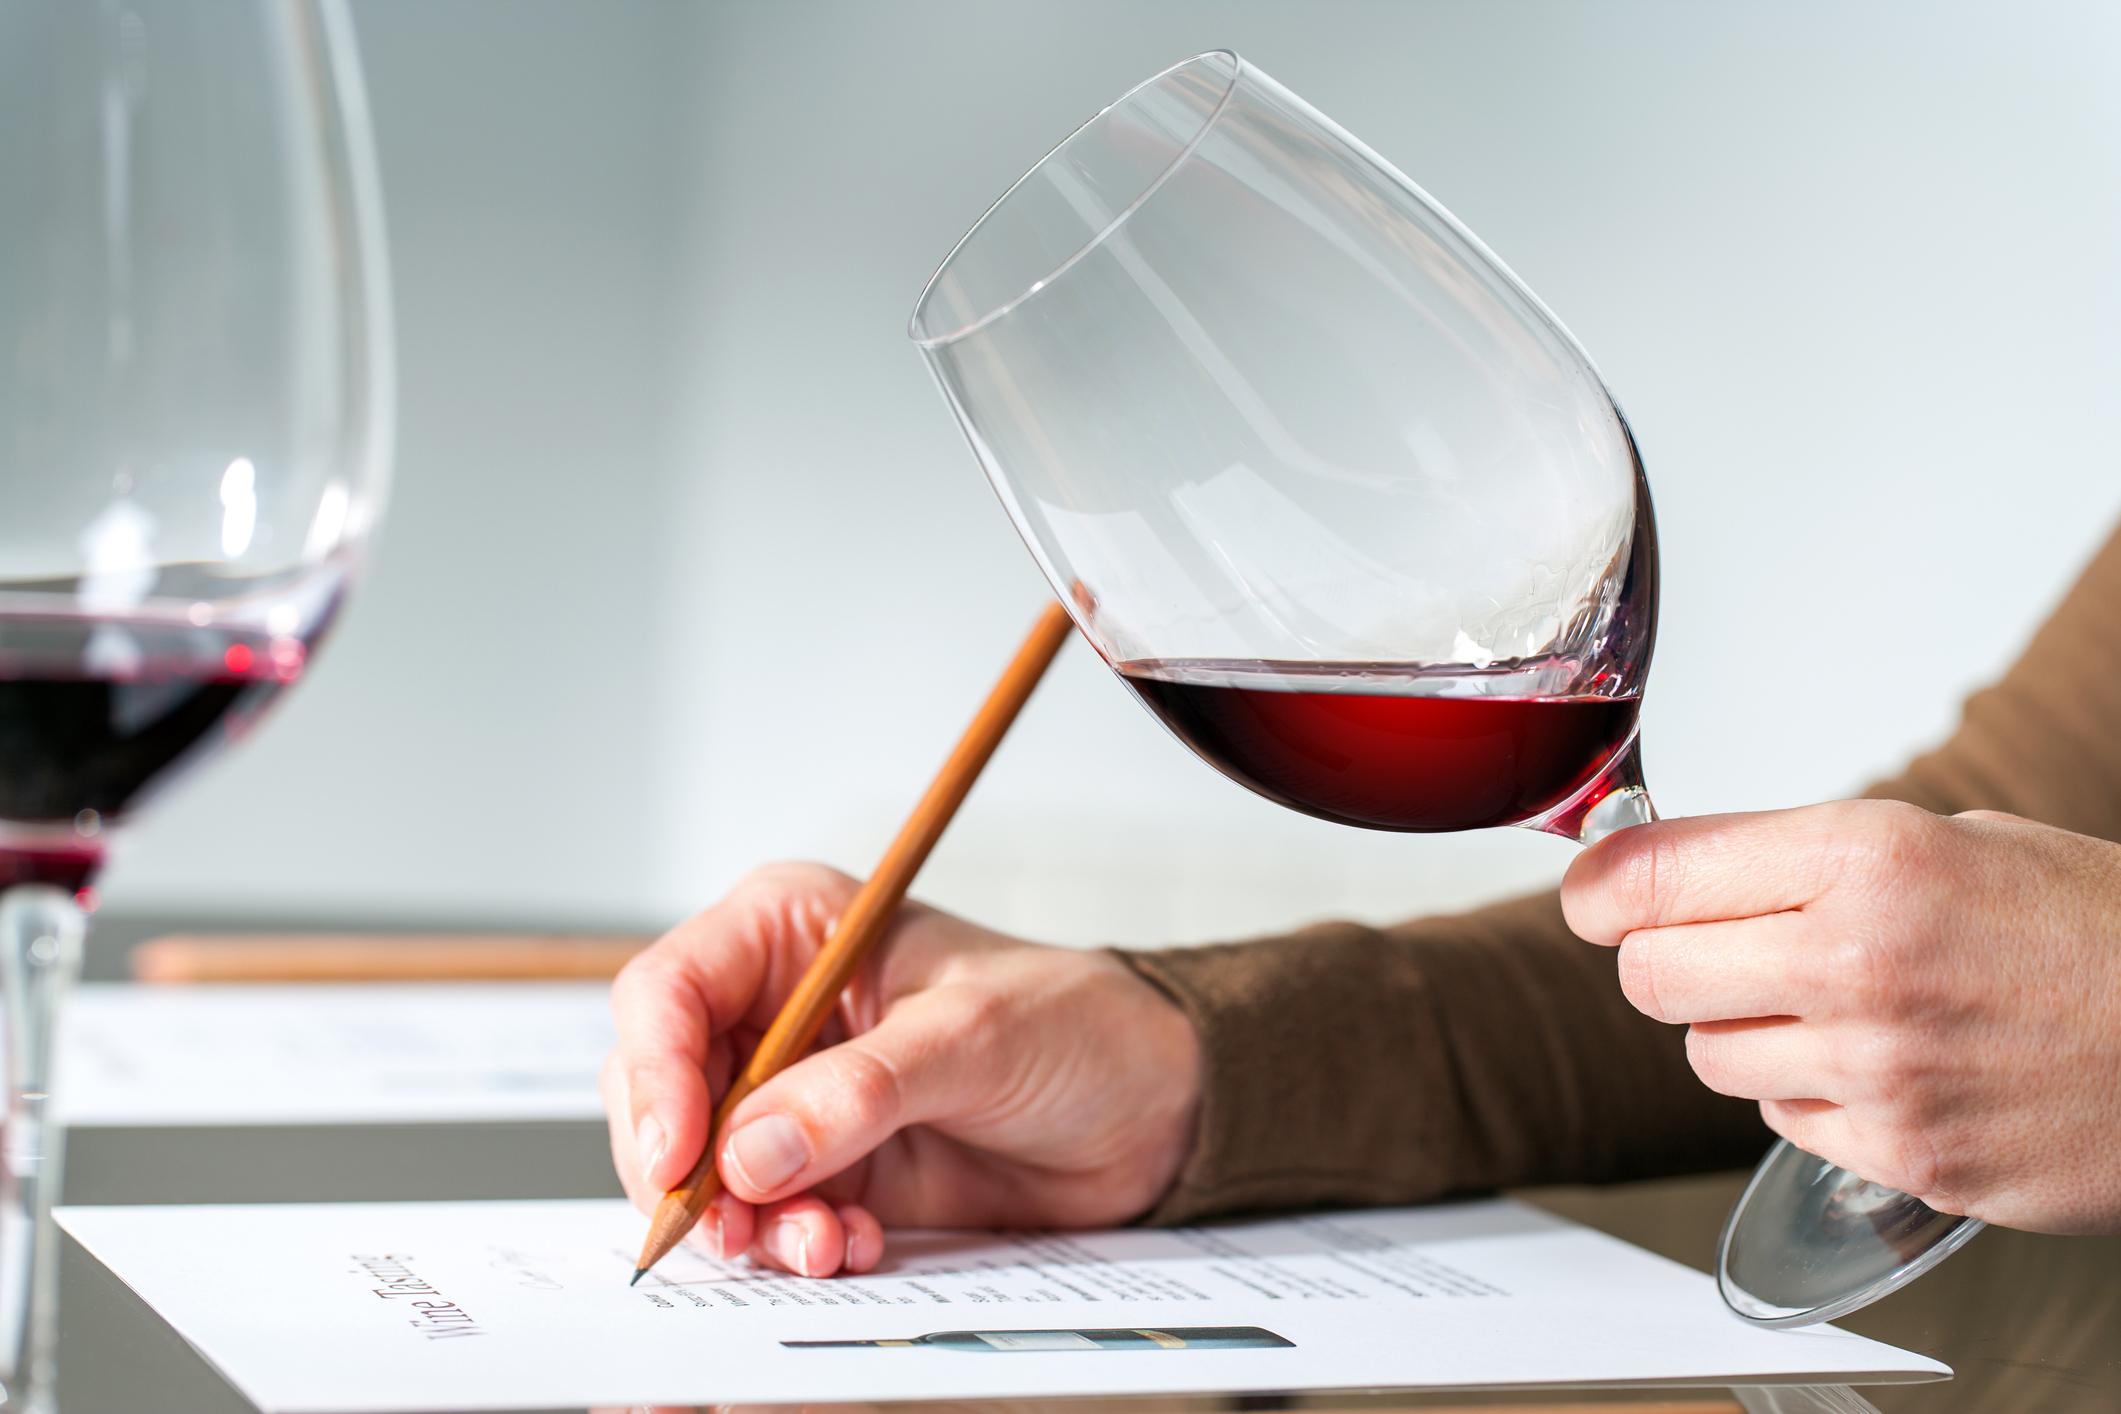 Red wine tasting